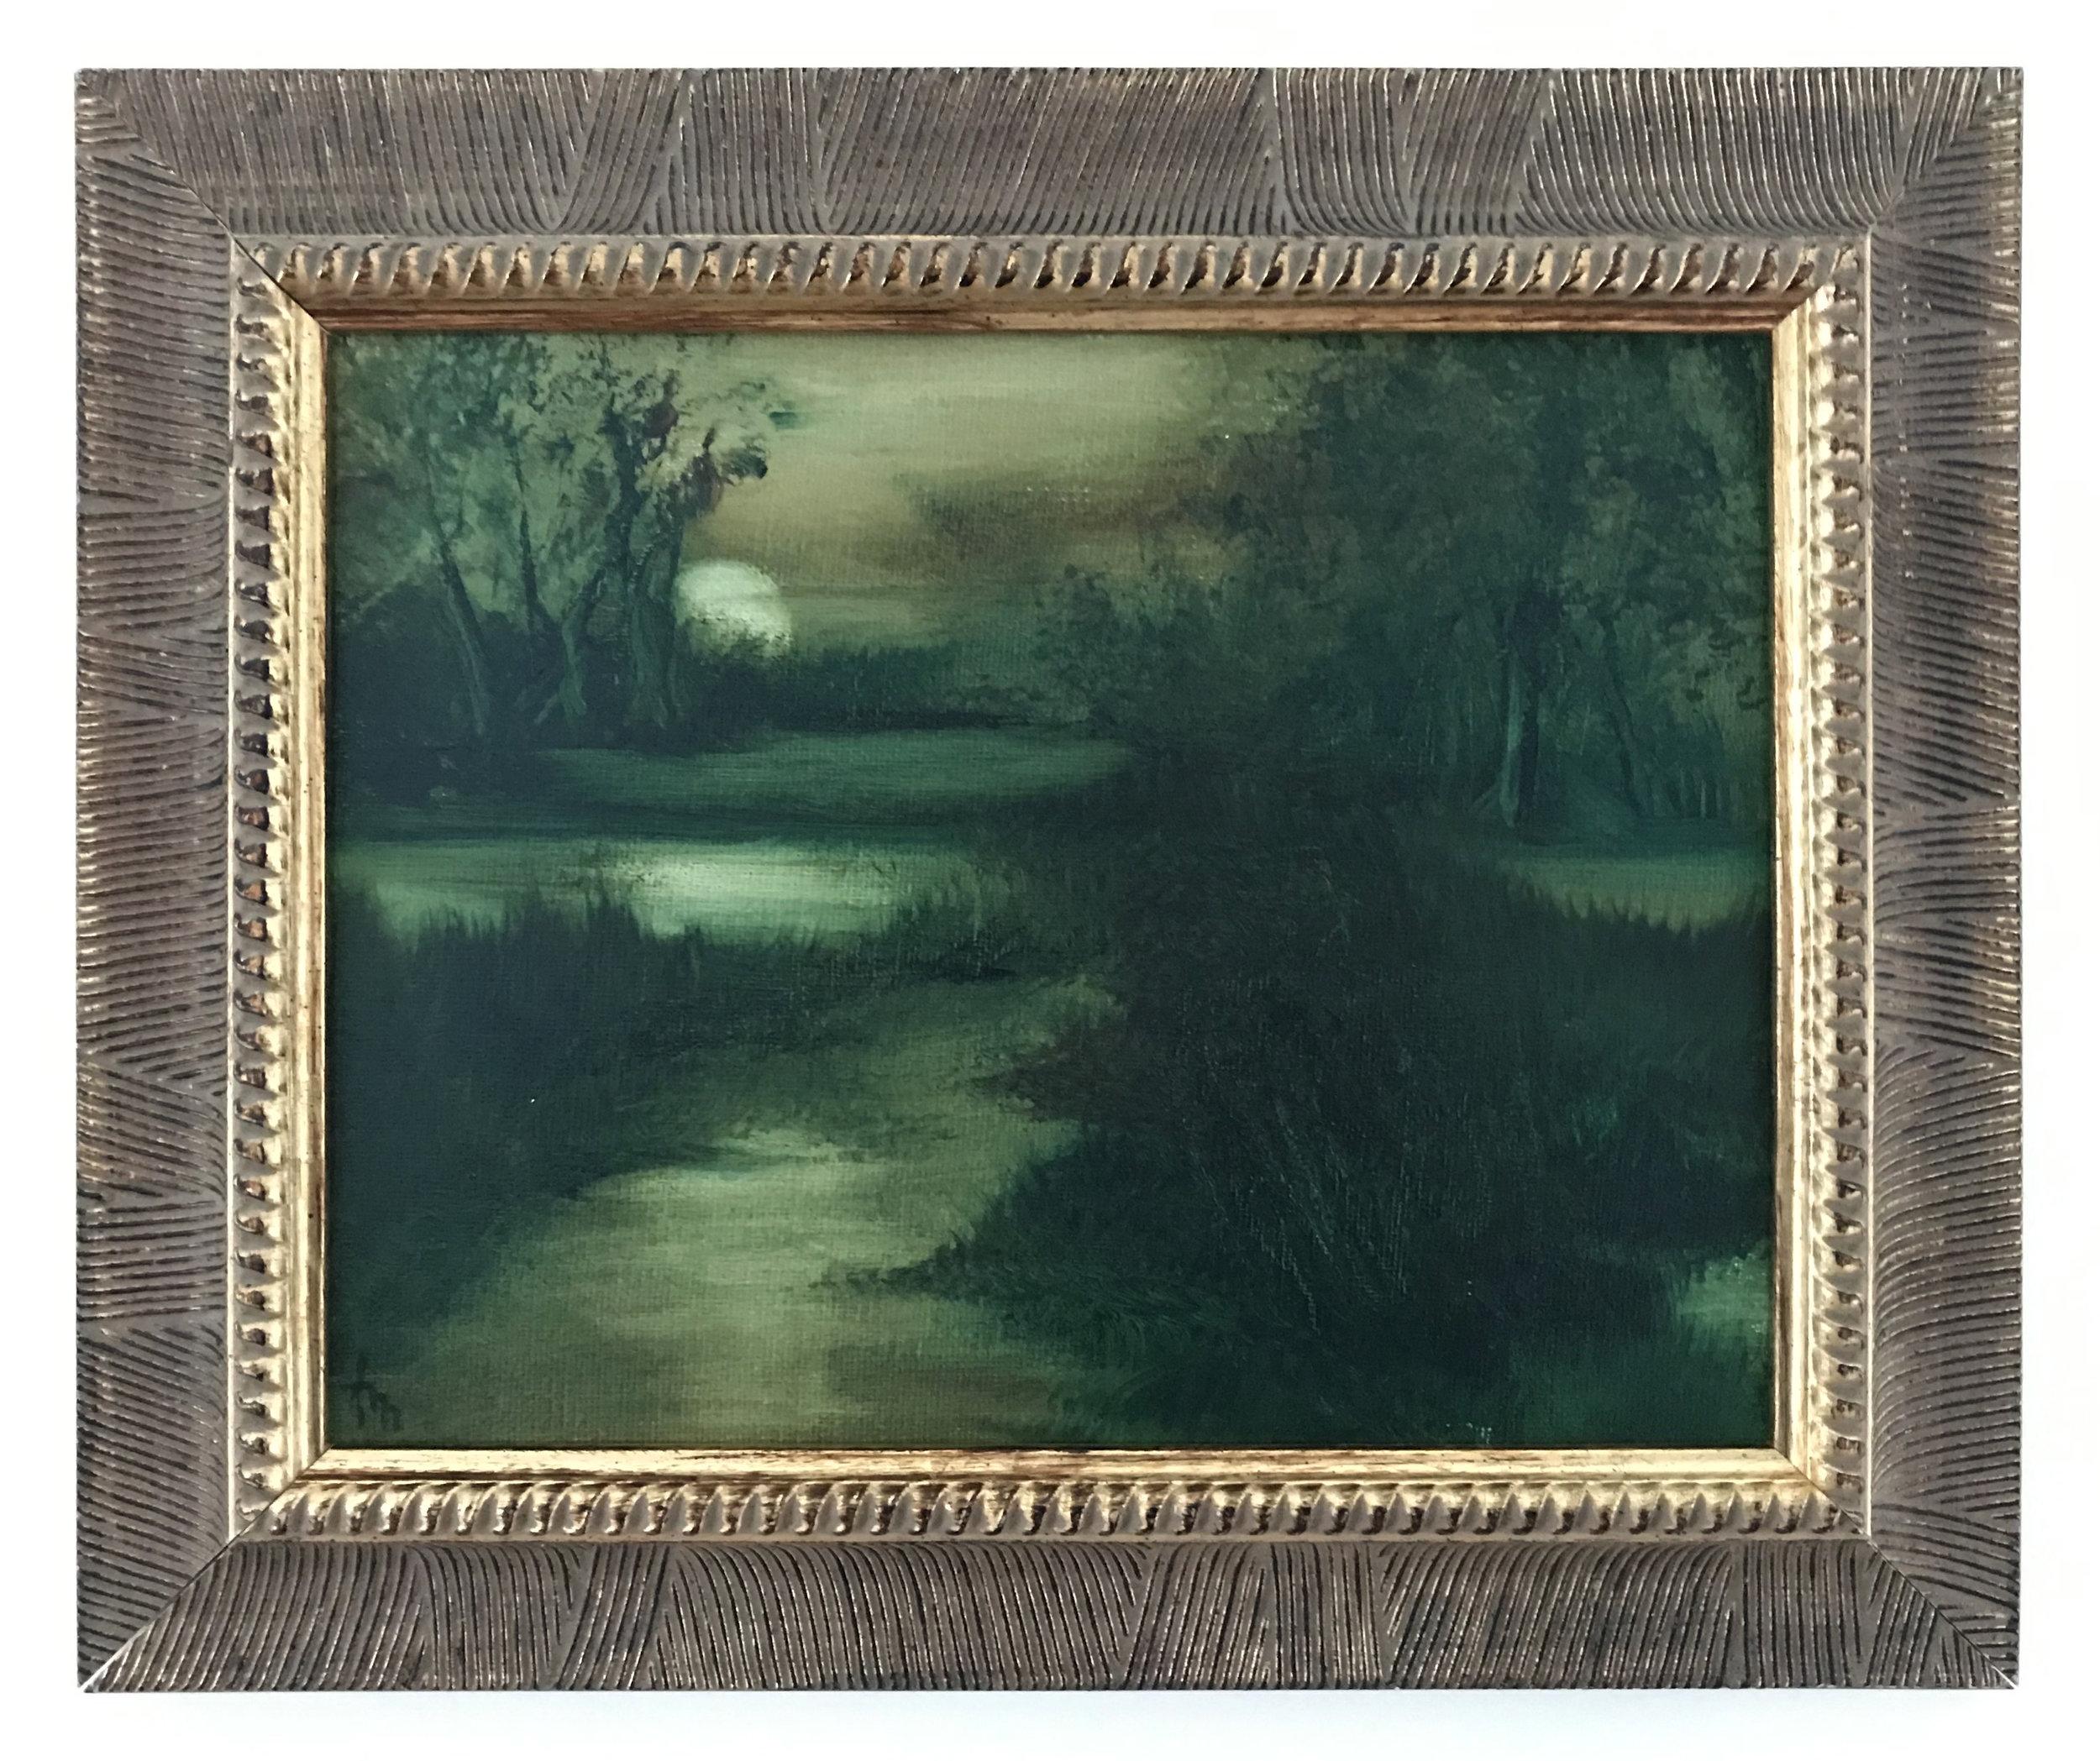 - Ann McCaugheyMoonrise2014Oil on canvas14 x 12 inches